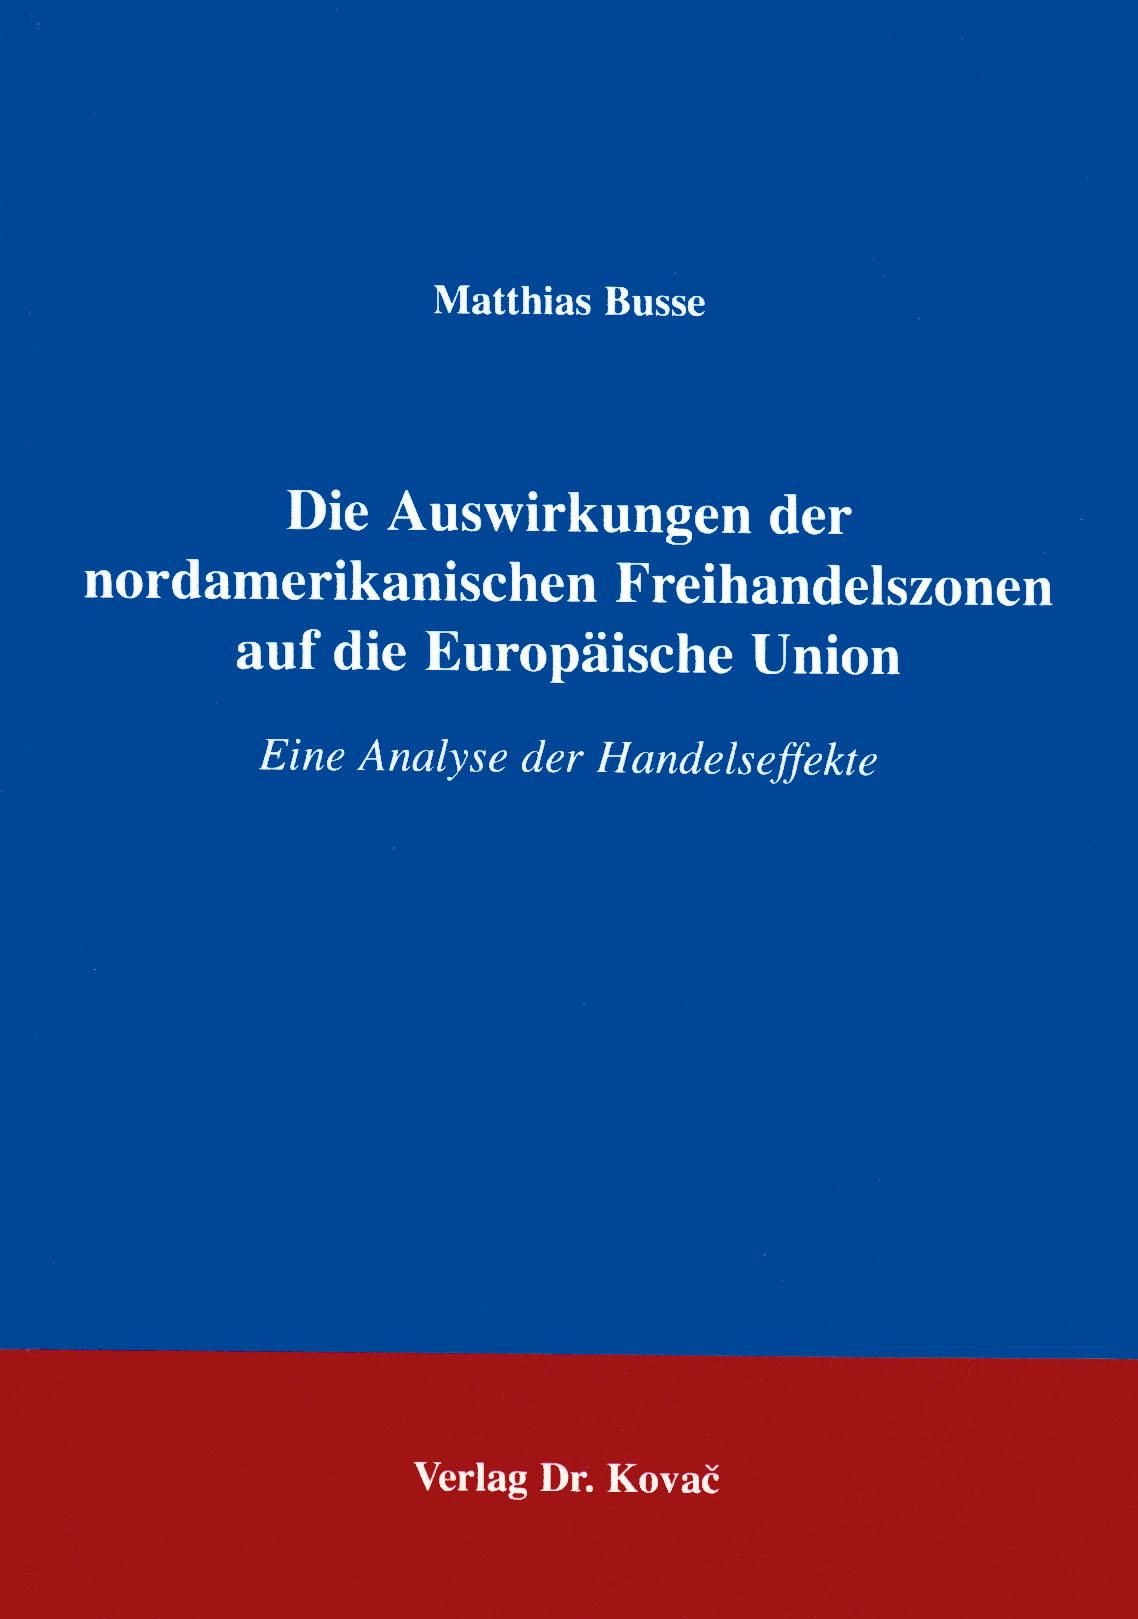 Cover: Die Auswirkungen der nordamerikanischen Freihandelszonen auf die europäische Union